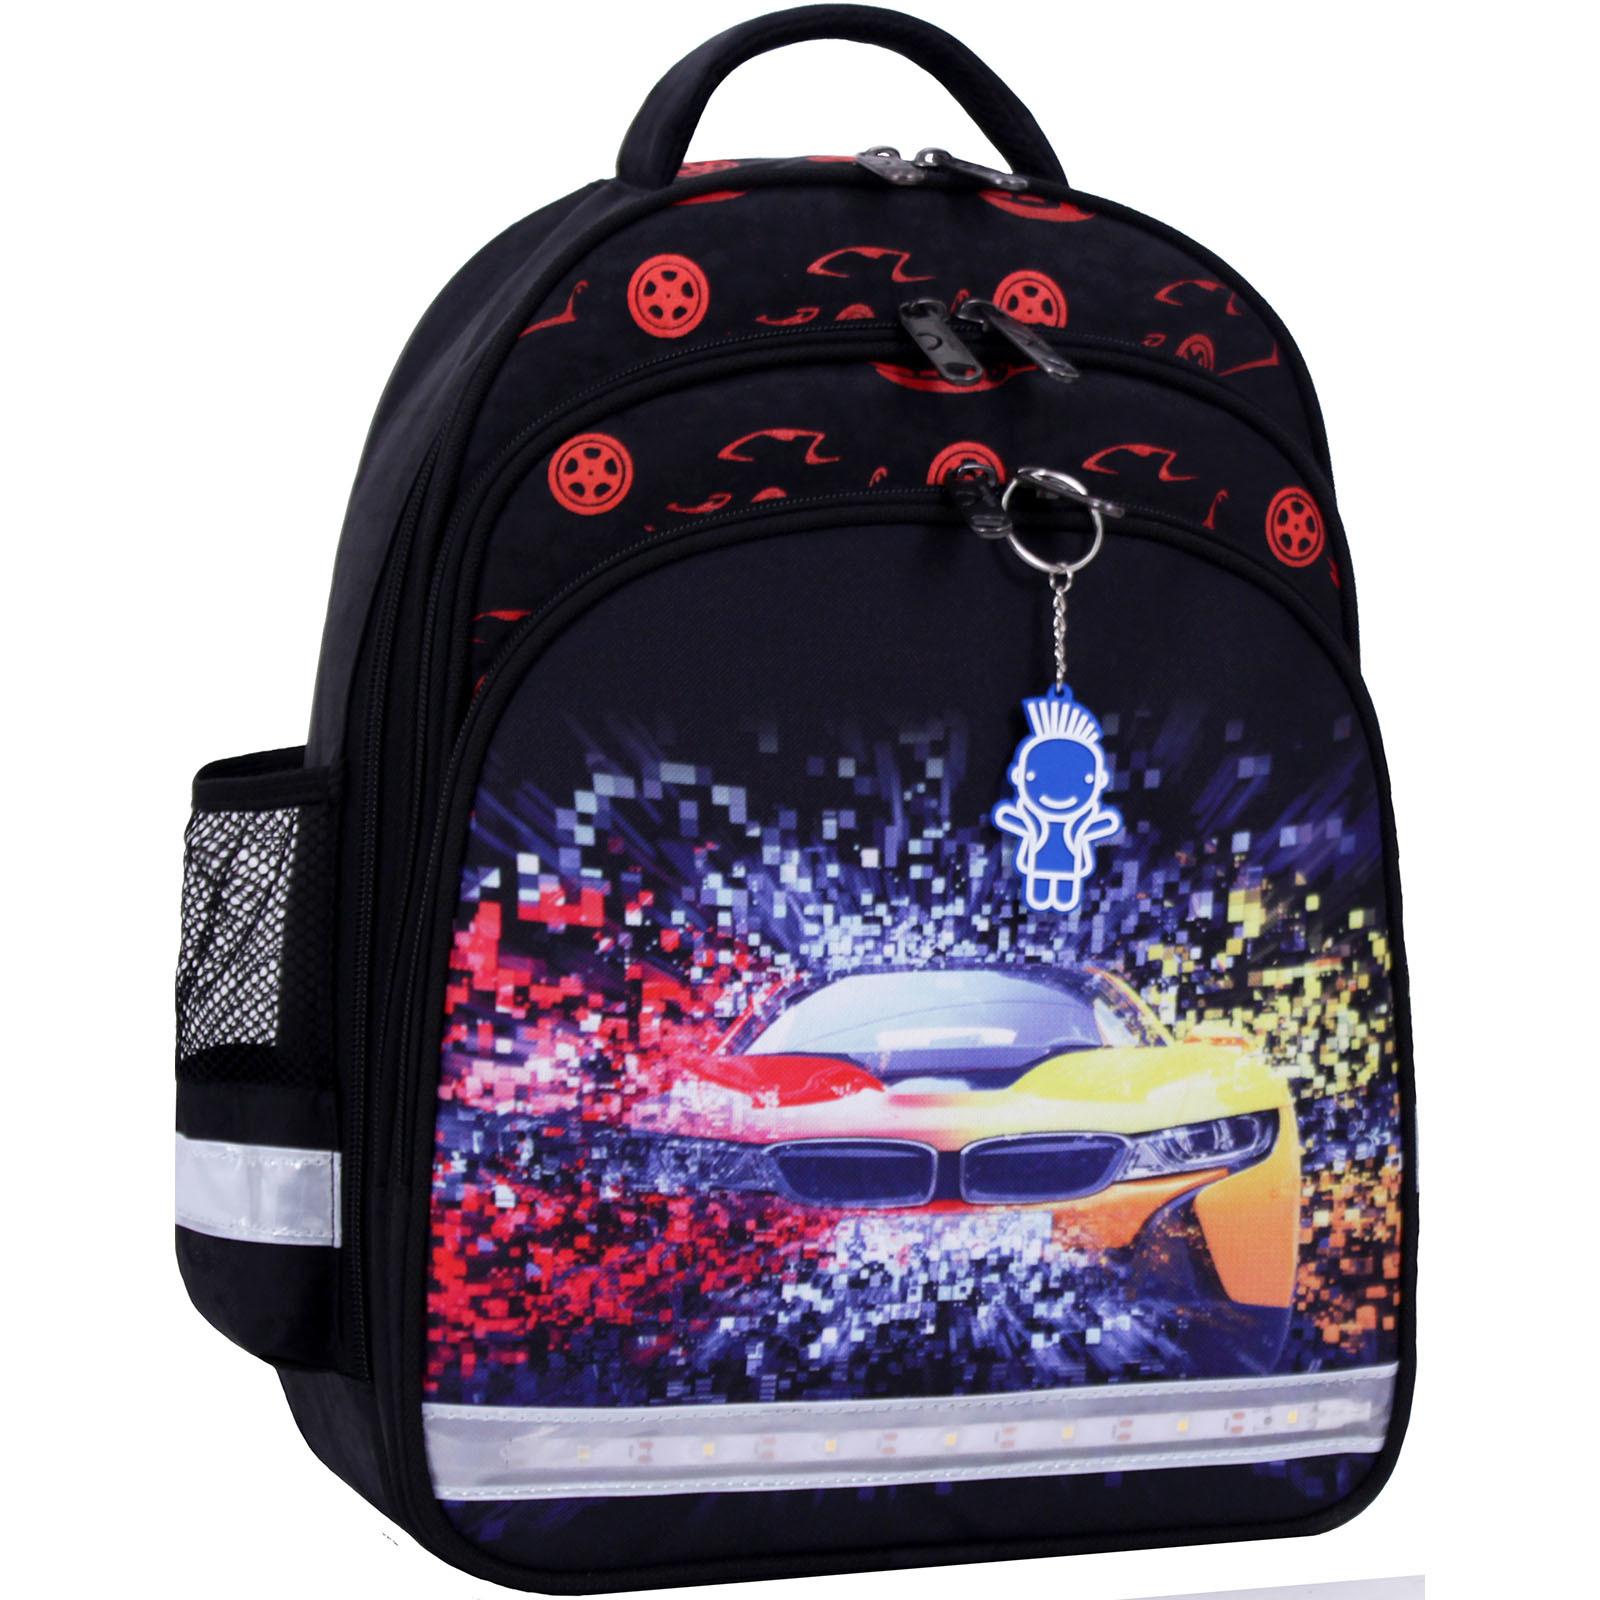 Рюкзак школьный Bagland Mouse черный 417 (0051370) фото 6